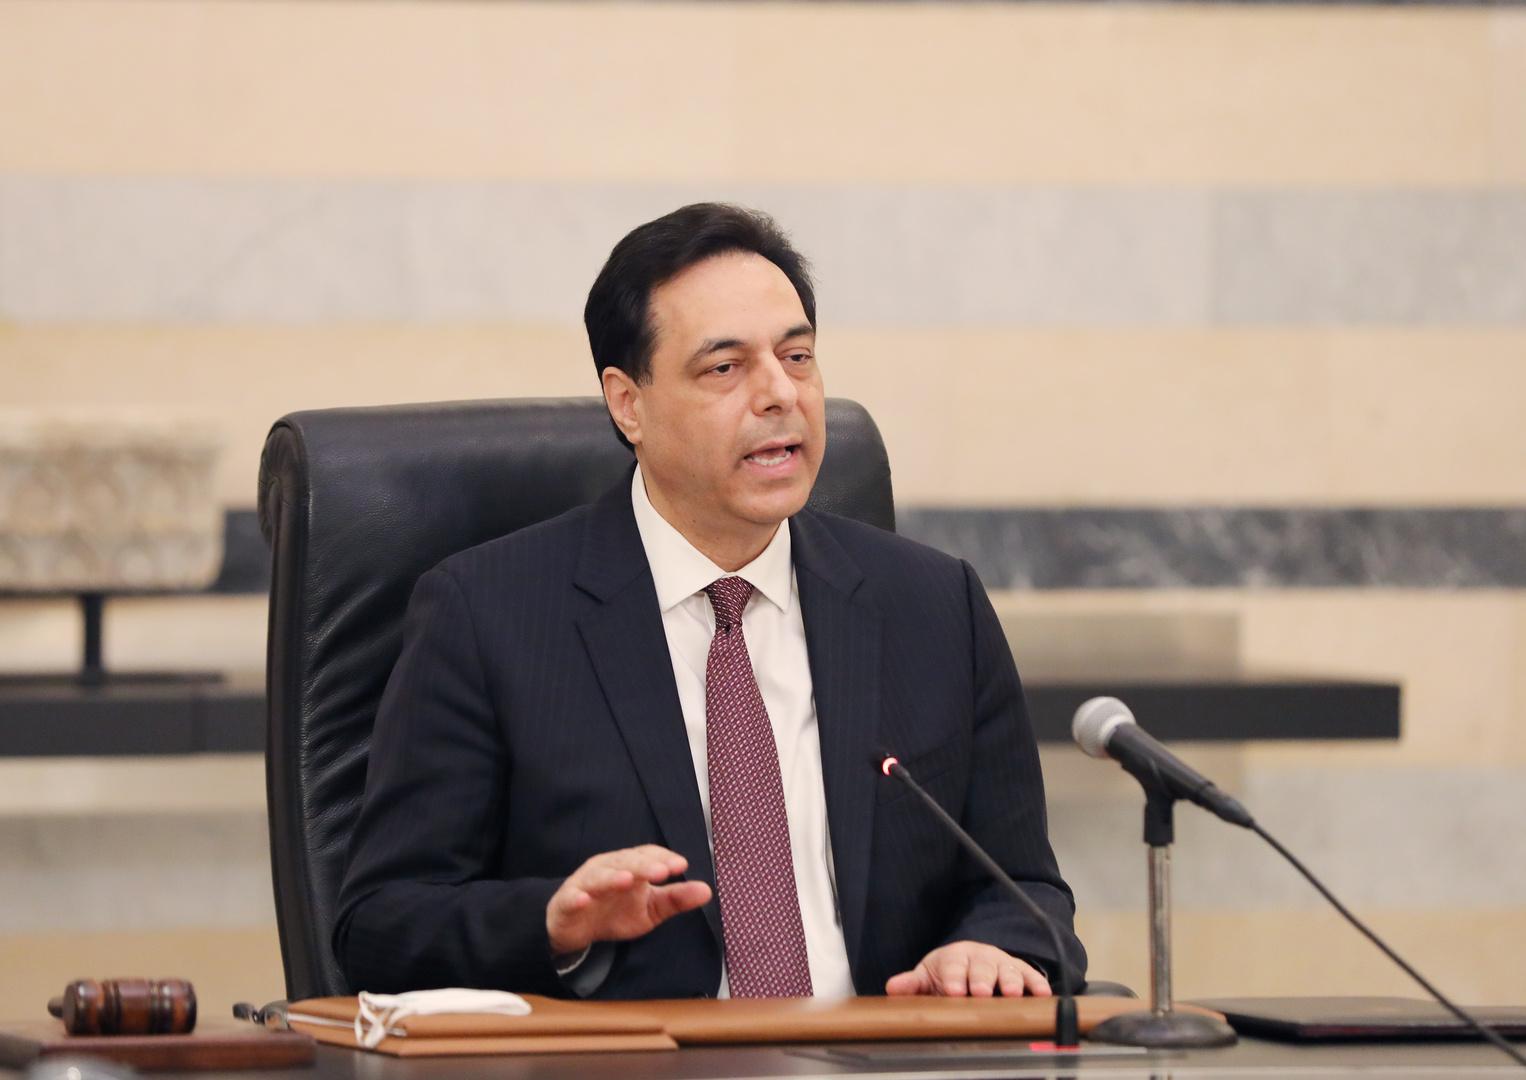 دياب: سأطرح على مجلس الوزراء إجراء انتخابات نيابية مبكرة